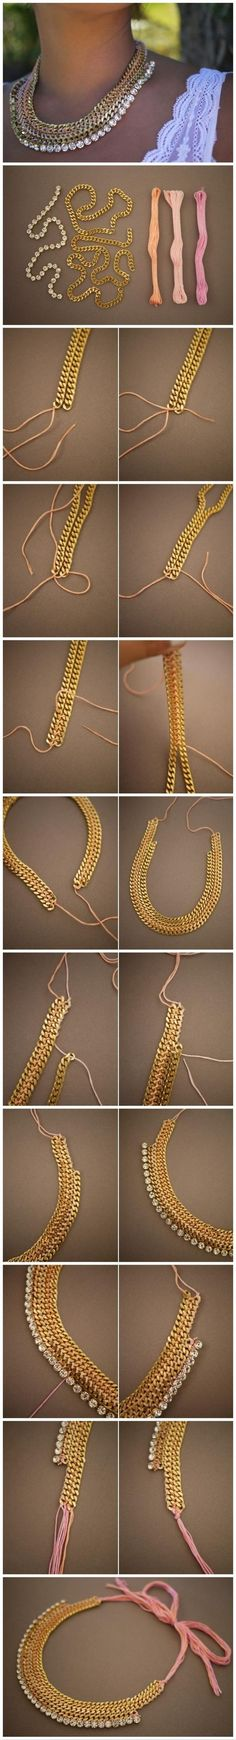 DIY Necklace - Tutorial